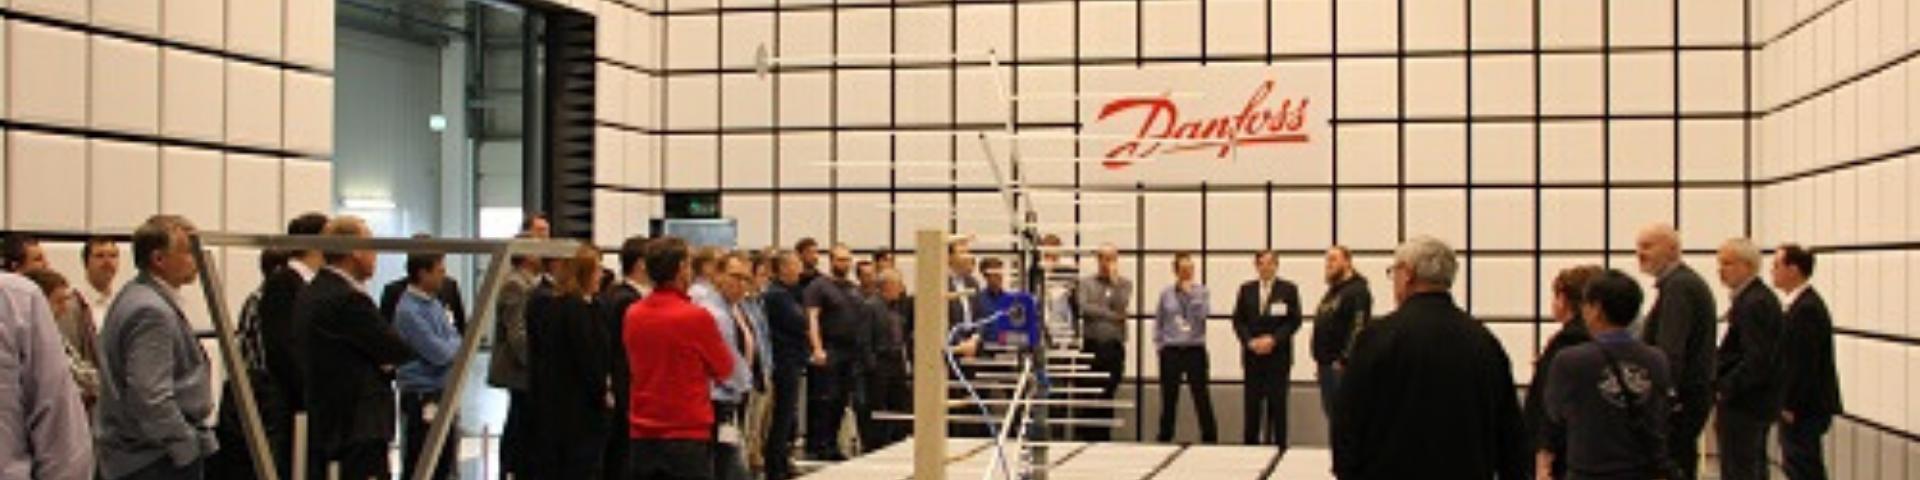 forsamling ved Danfoss